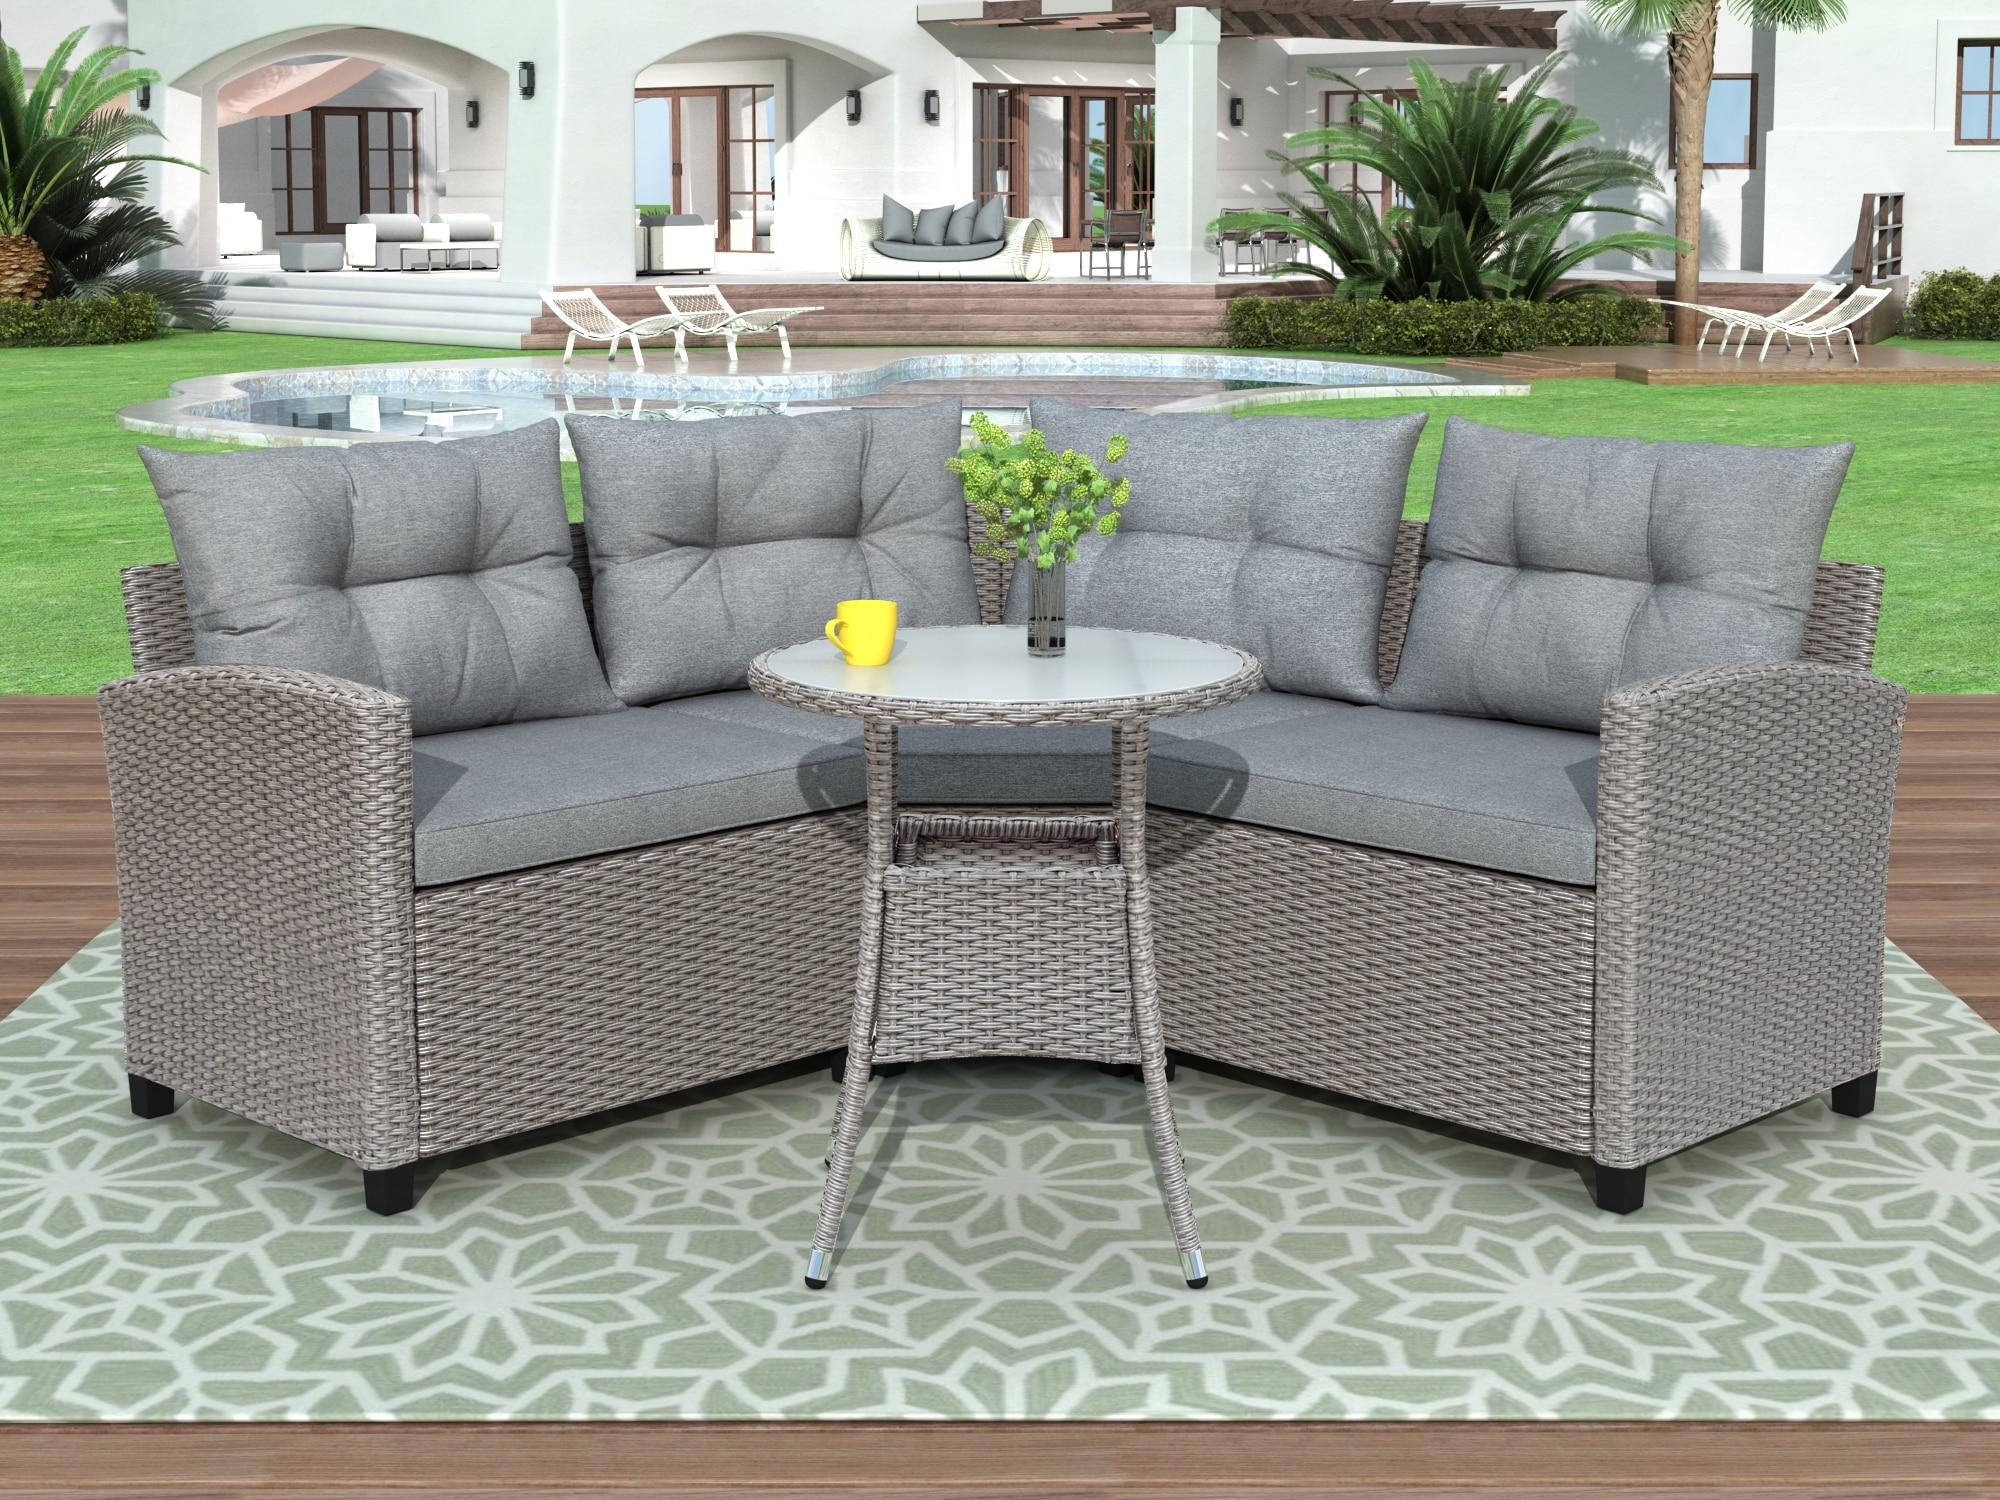 Смола плетеная патио мебель комплект с круглый стол Сад секционный диван комплекты для открытый бассейн Размеры мебель Прямая доставка